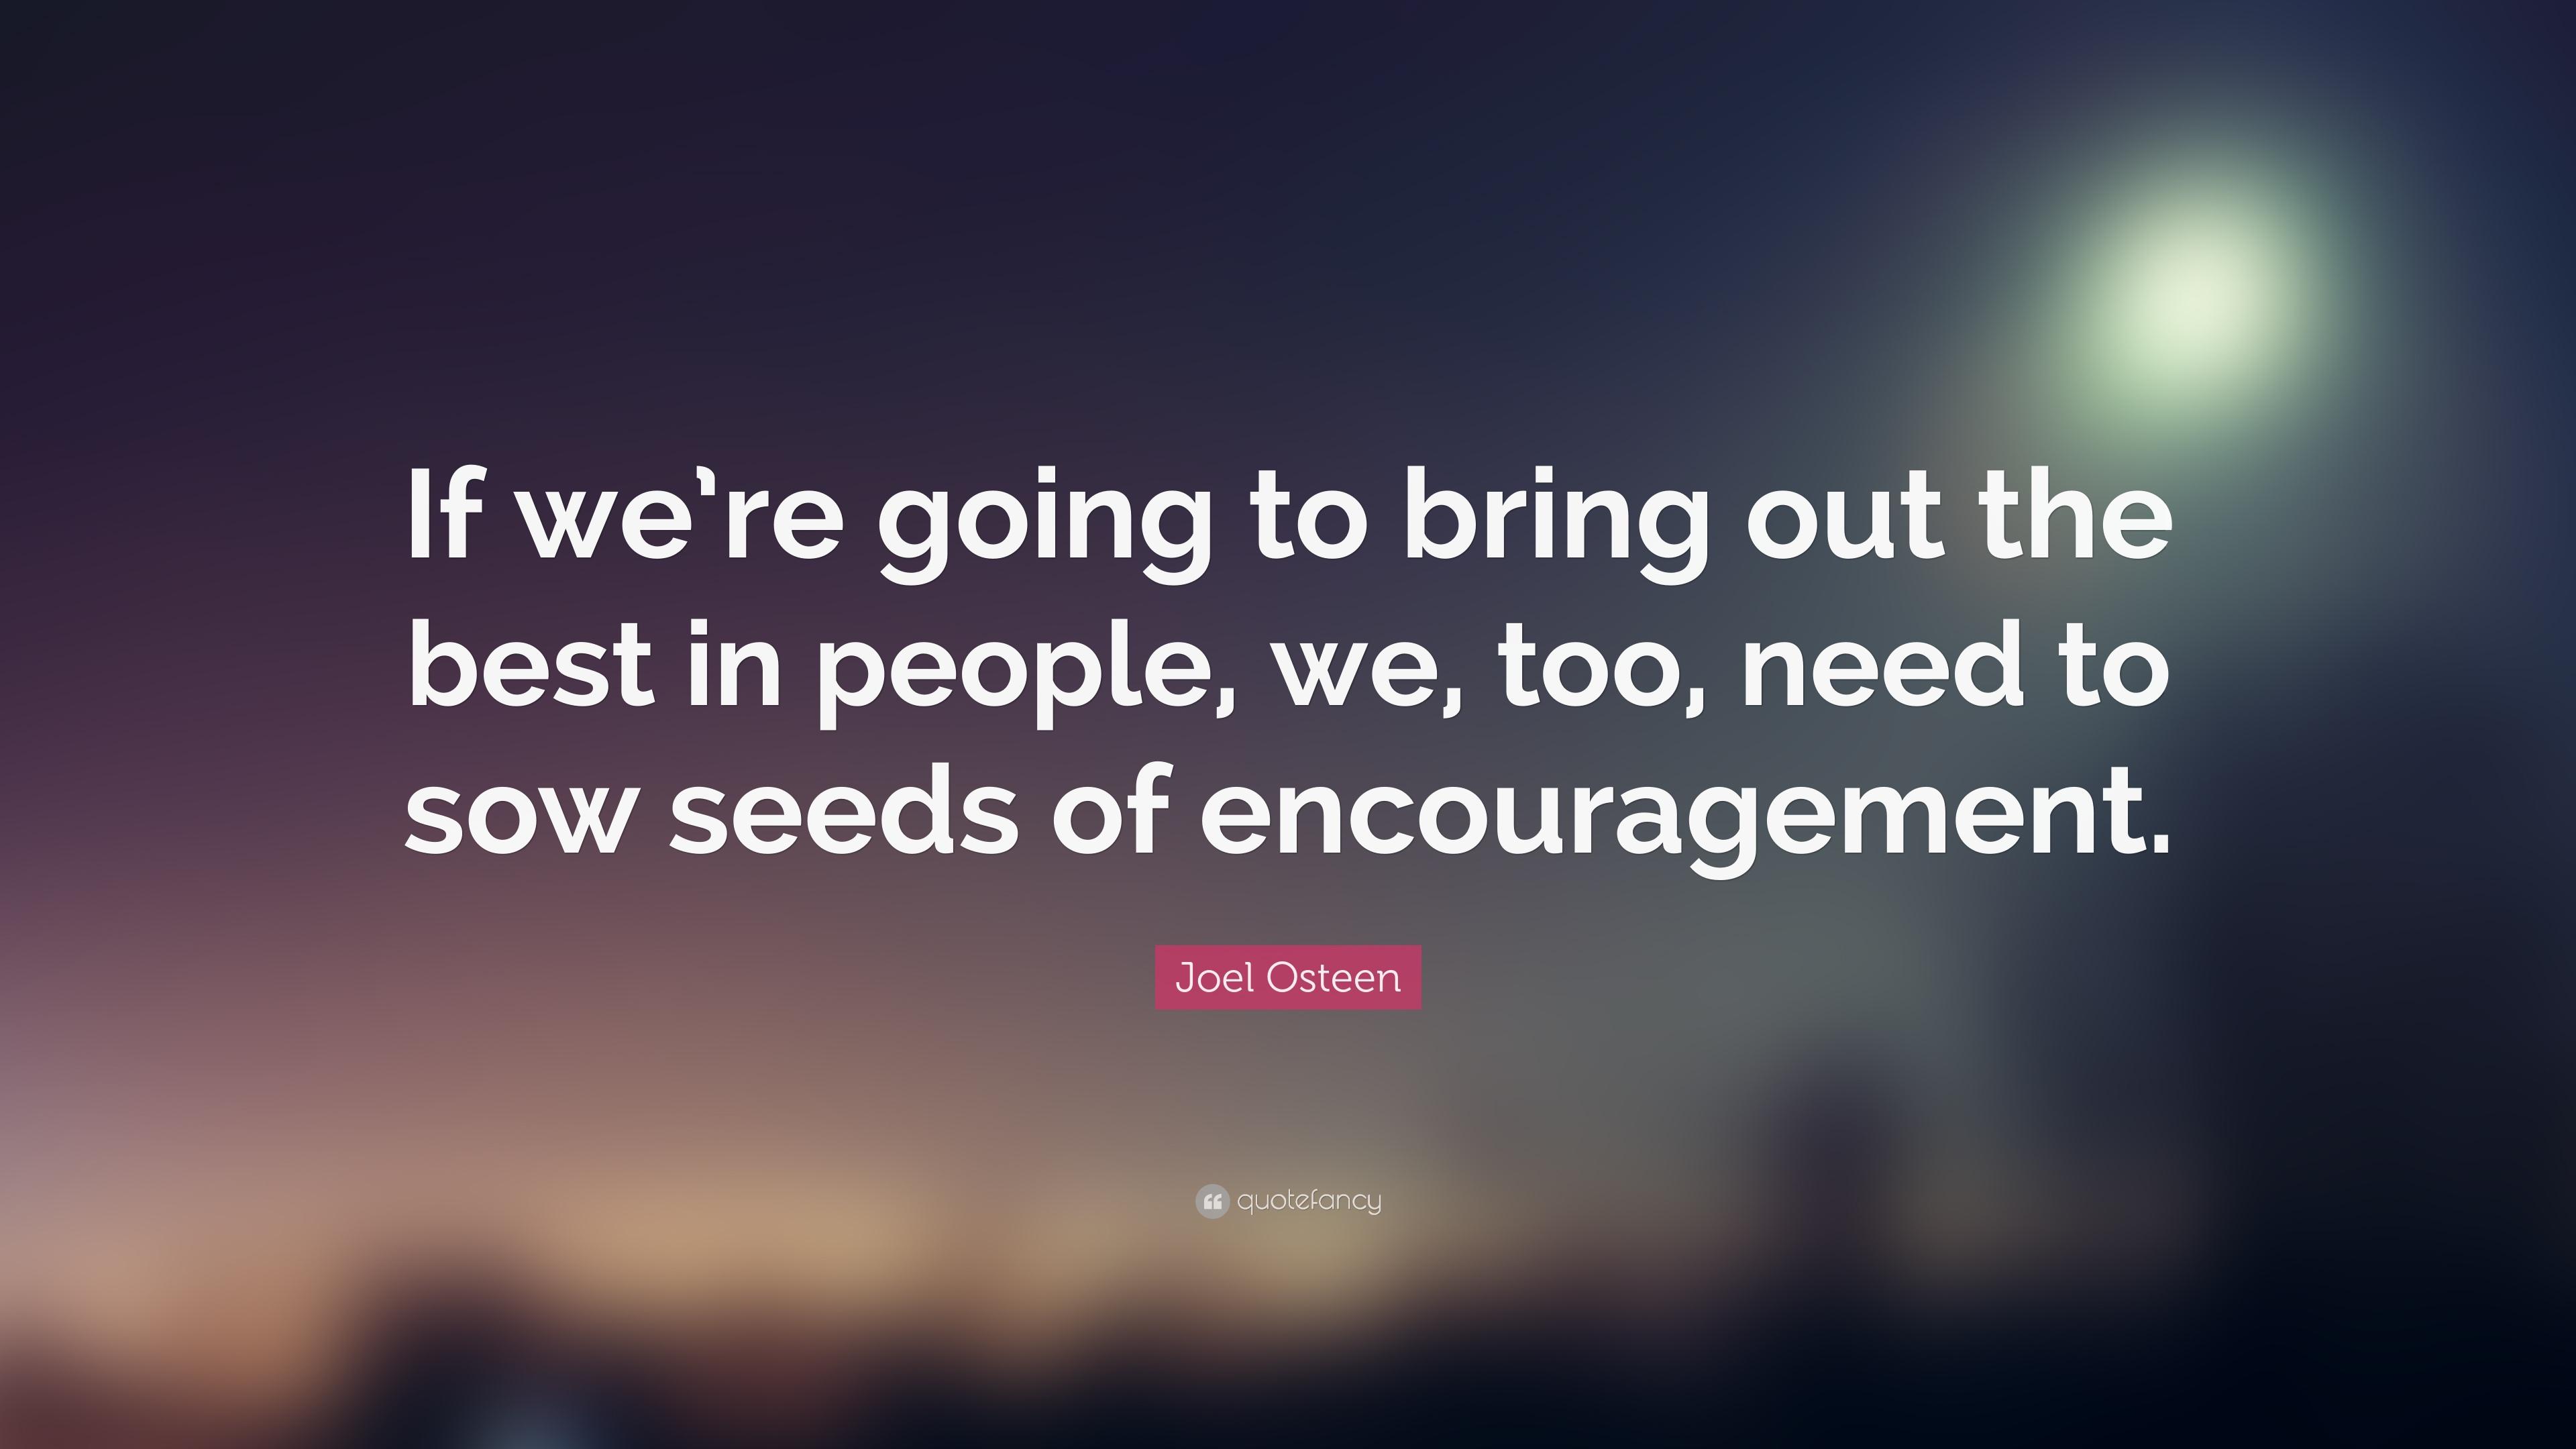 Joel Osteen Encouragement Tumblr thumbnail